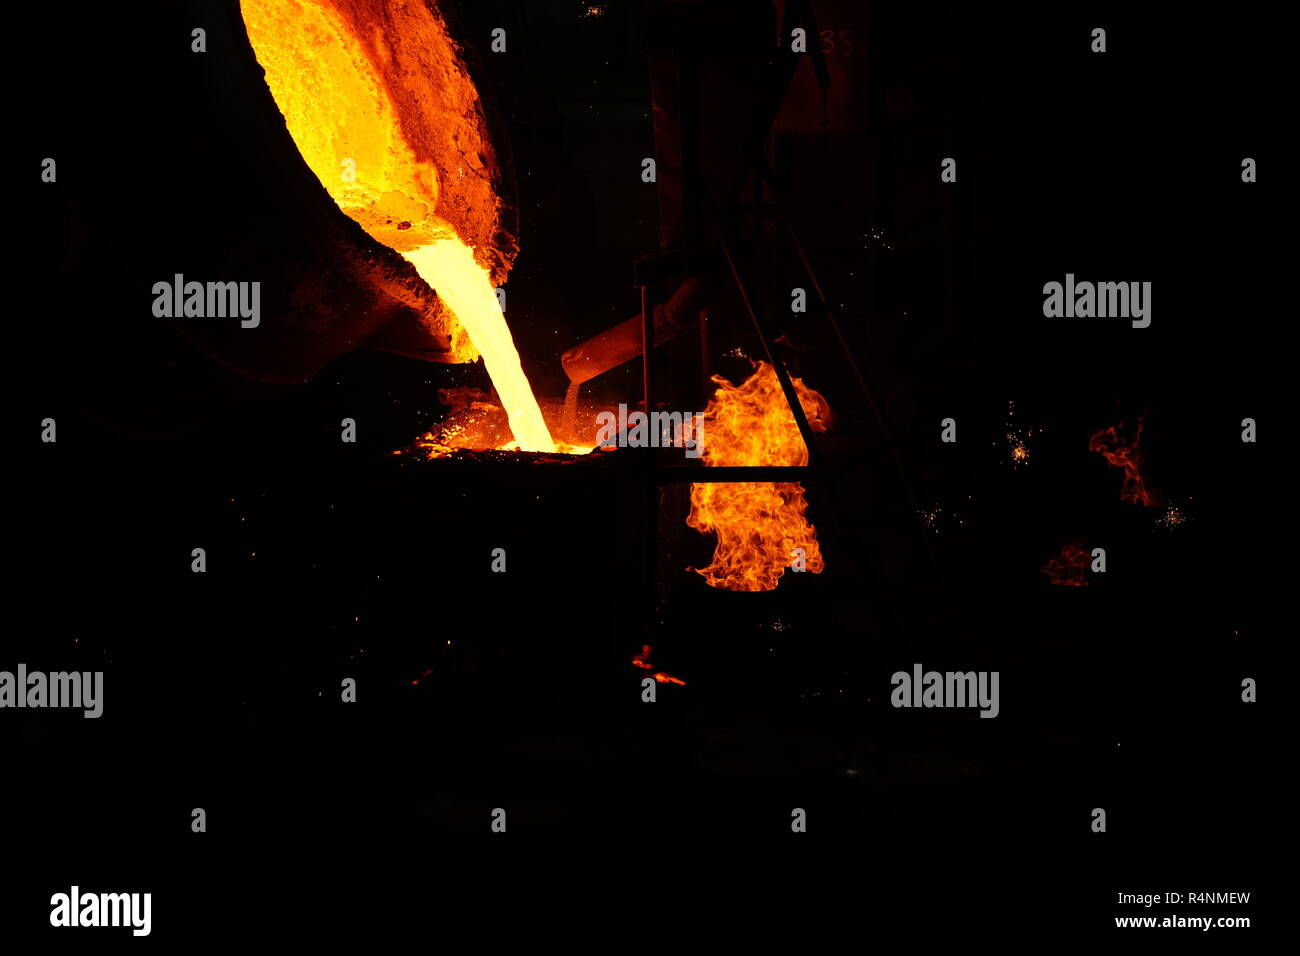 Trabajo en Fundición - Working in Foundry - Stock Image